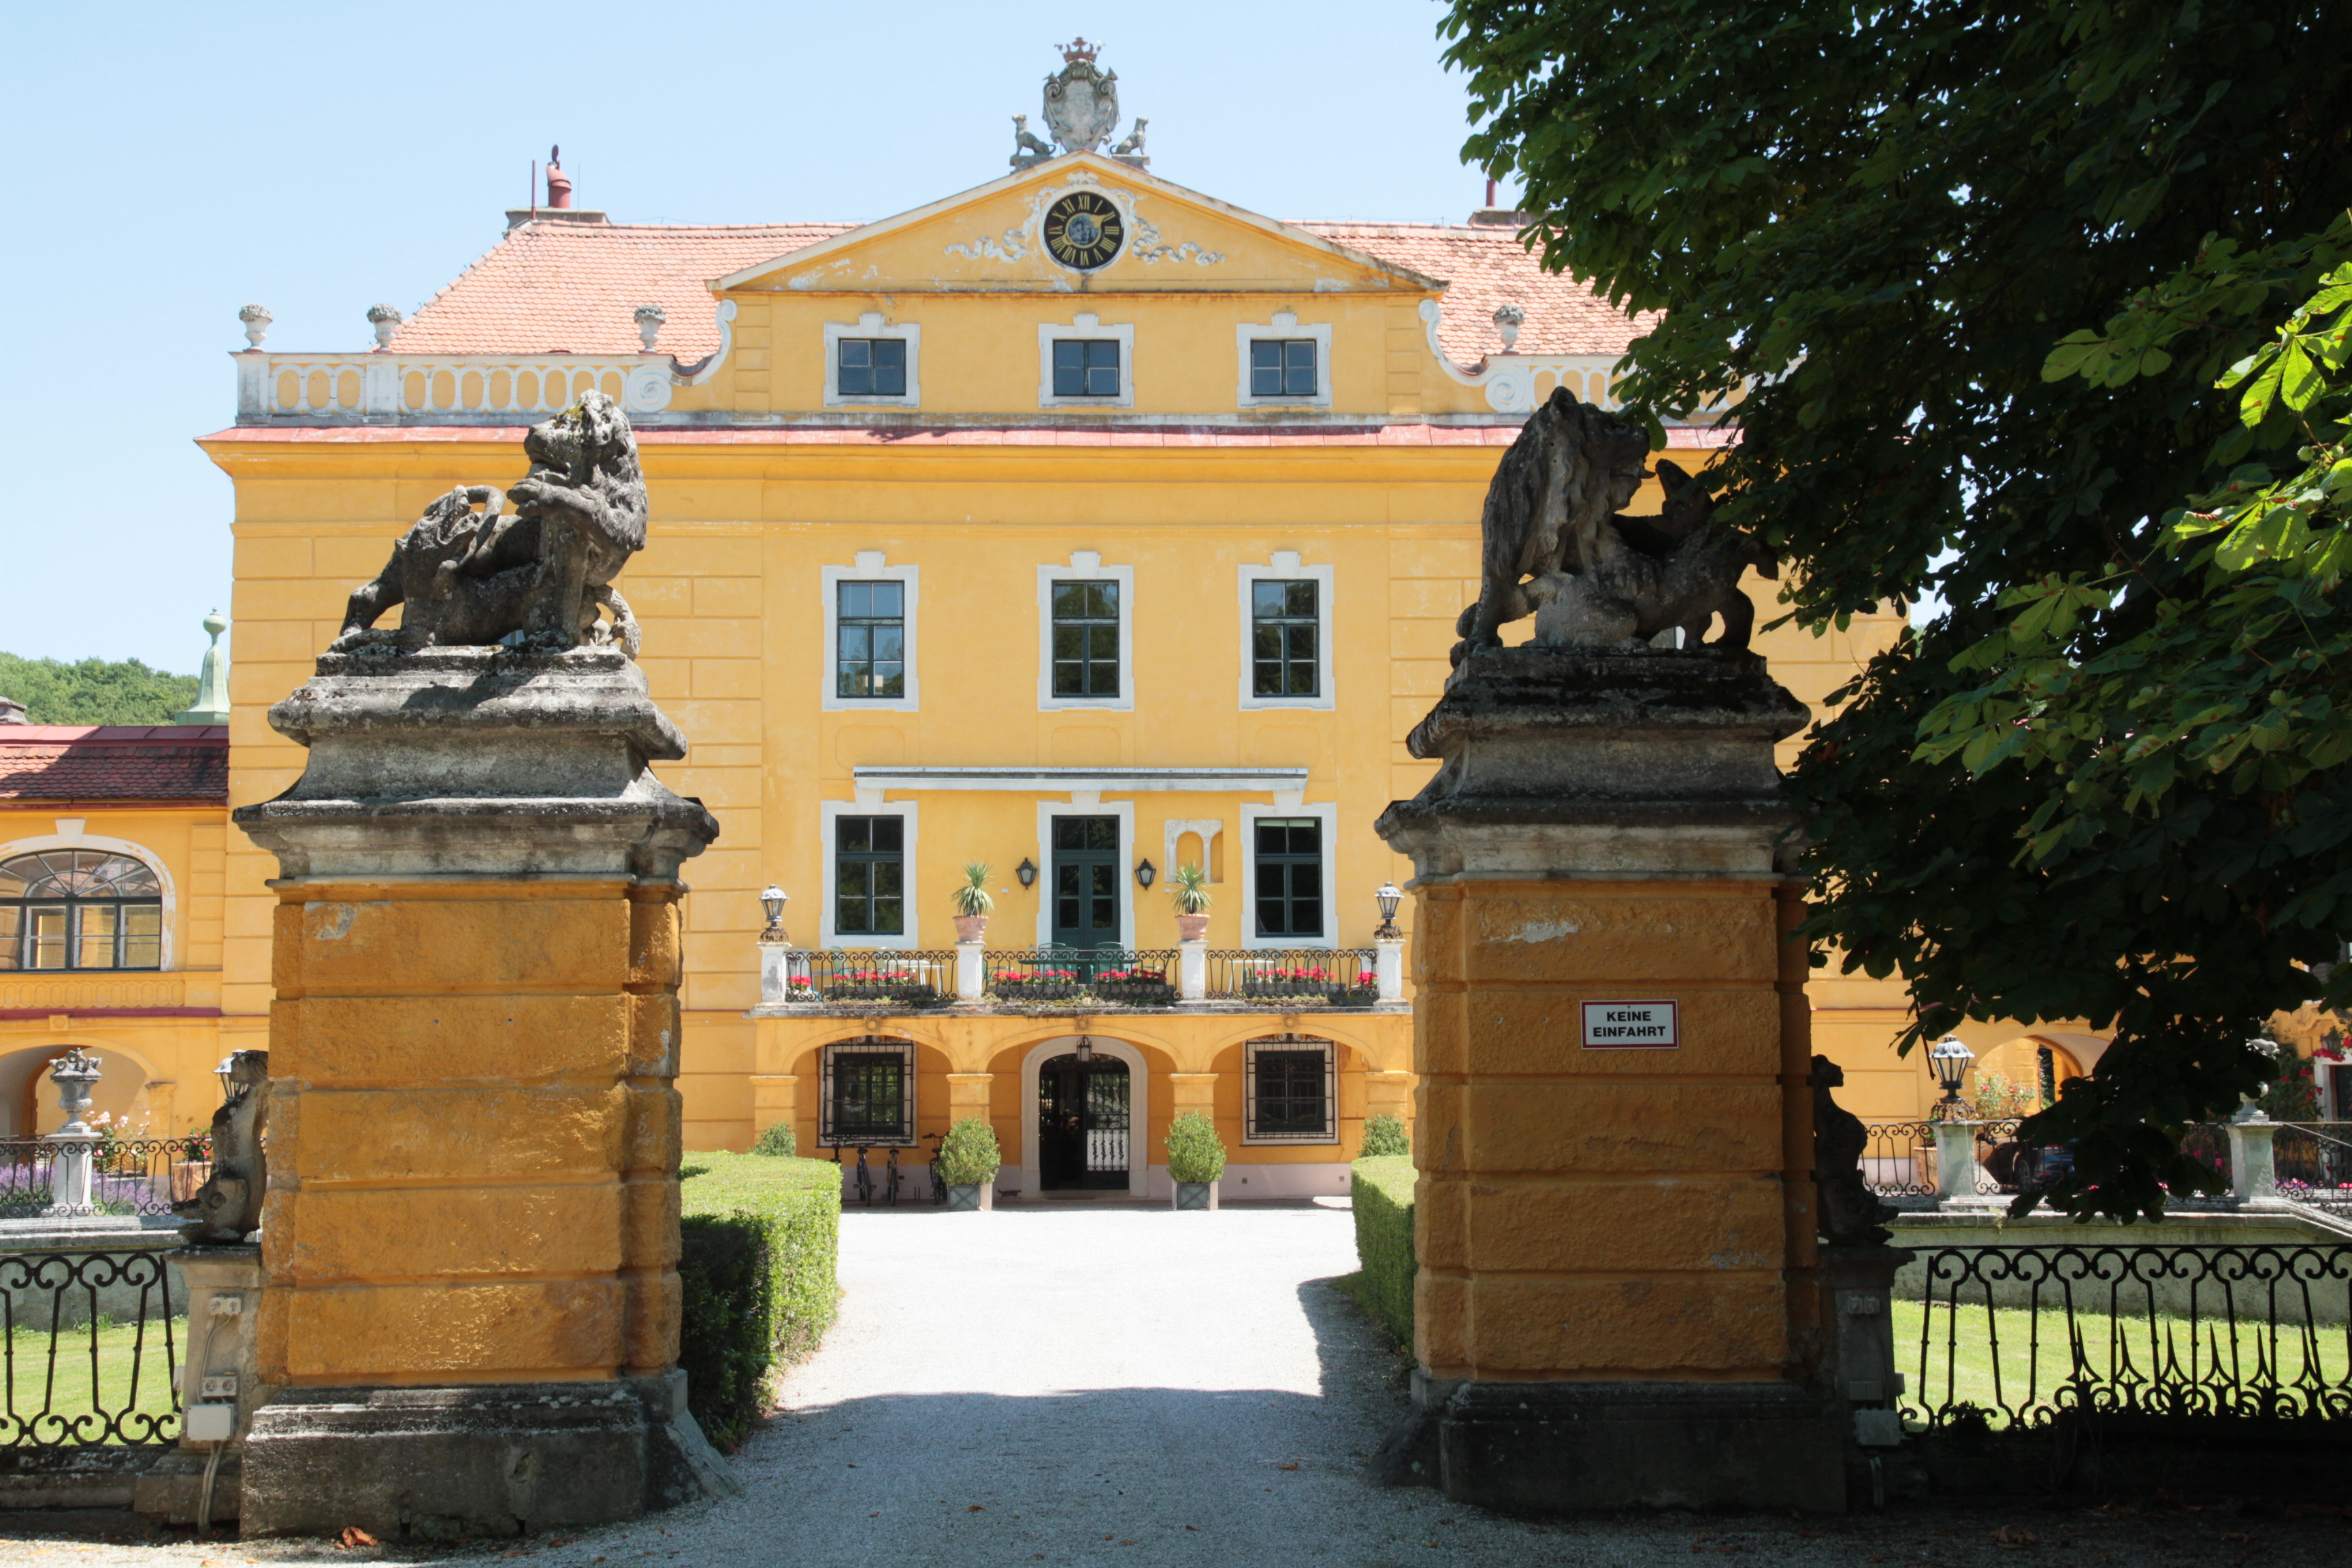 Appartement de vacances Luxuriöses, einzigartiges barockes Schloss, aufwendig eingerichtet (2306589), St. Pölten, Mostviertel, Basse Autriche, Autriche, image 3